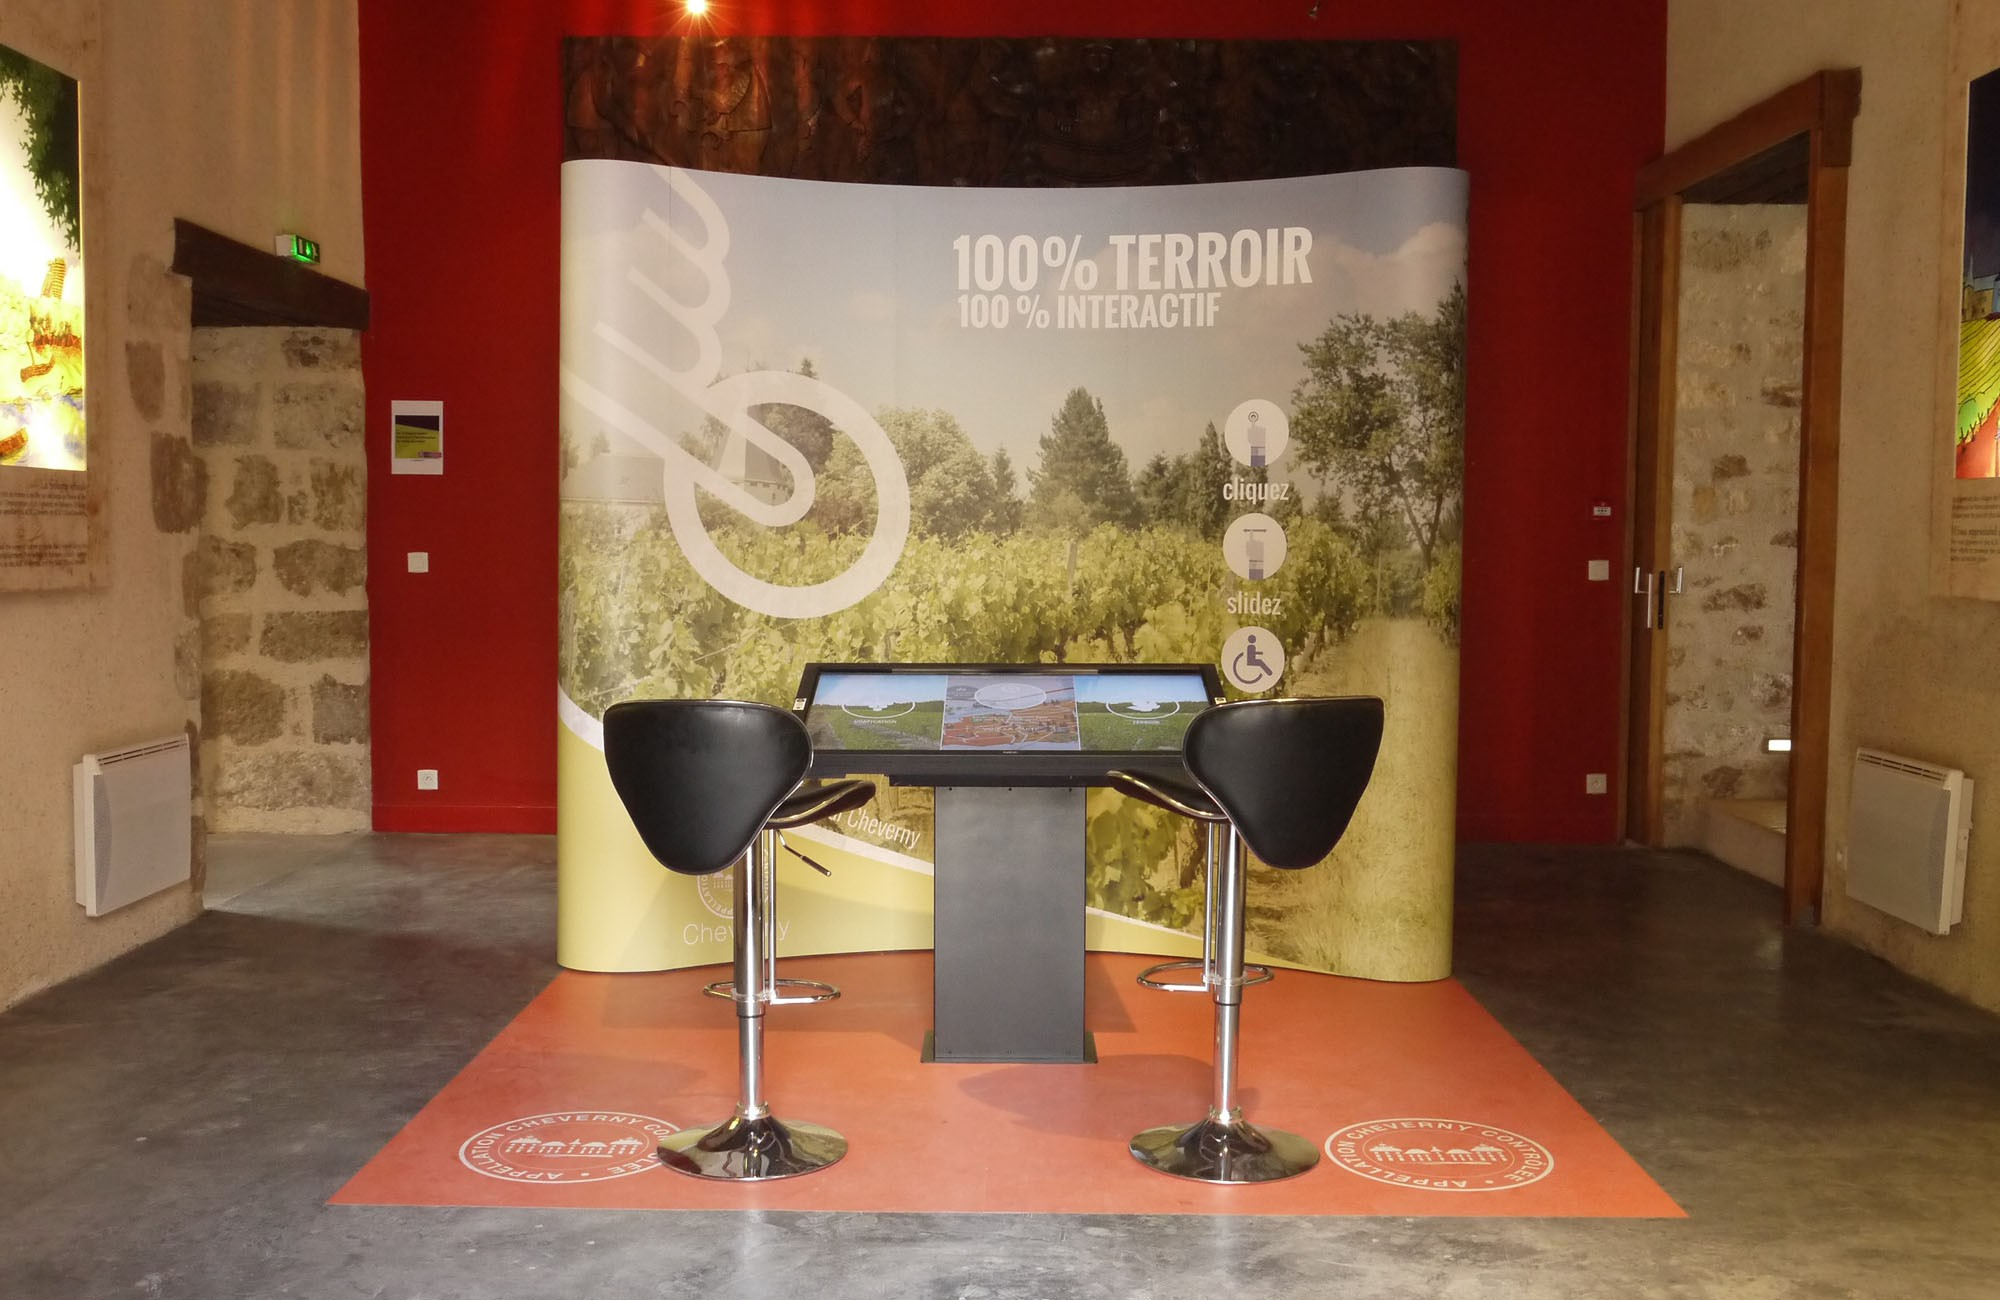 Venez visiter notre nouvelle salle interactive